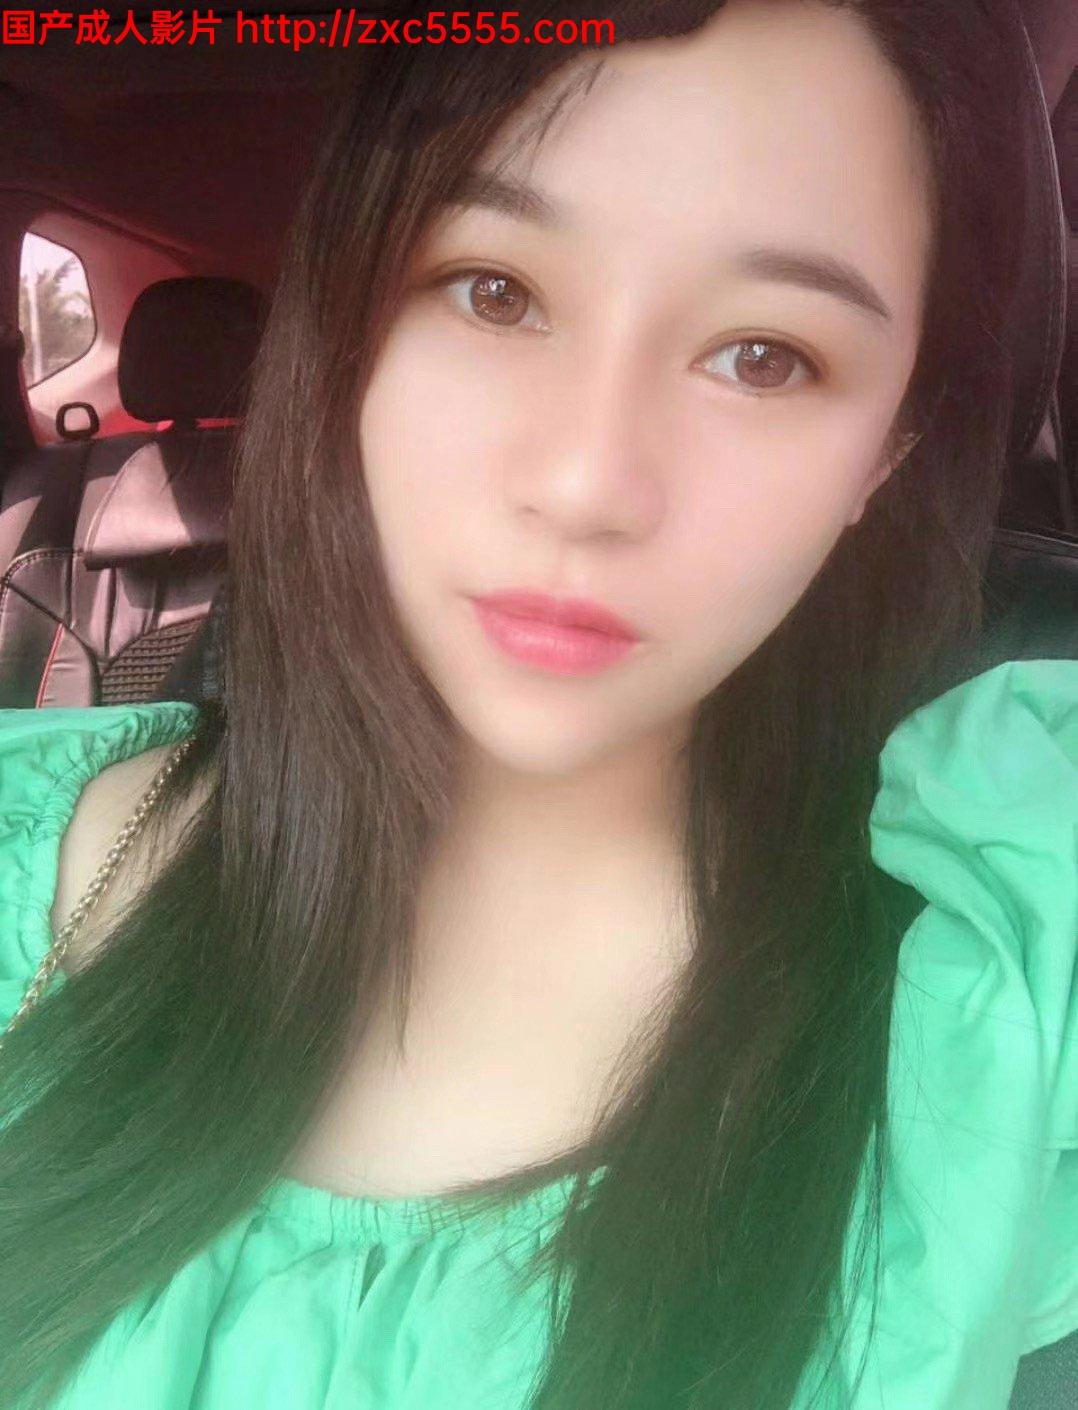 九一新人峰哥酒店约啪一个做美妆的兼职美女服务挺不错的长相甜美唯一的遗憾就是灯光有点暗[646MB]